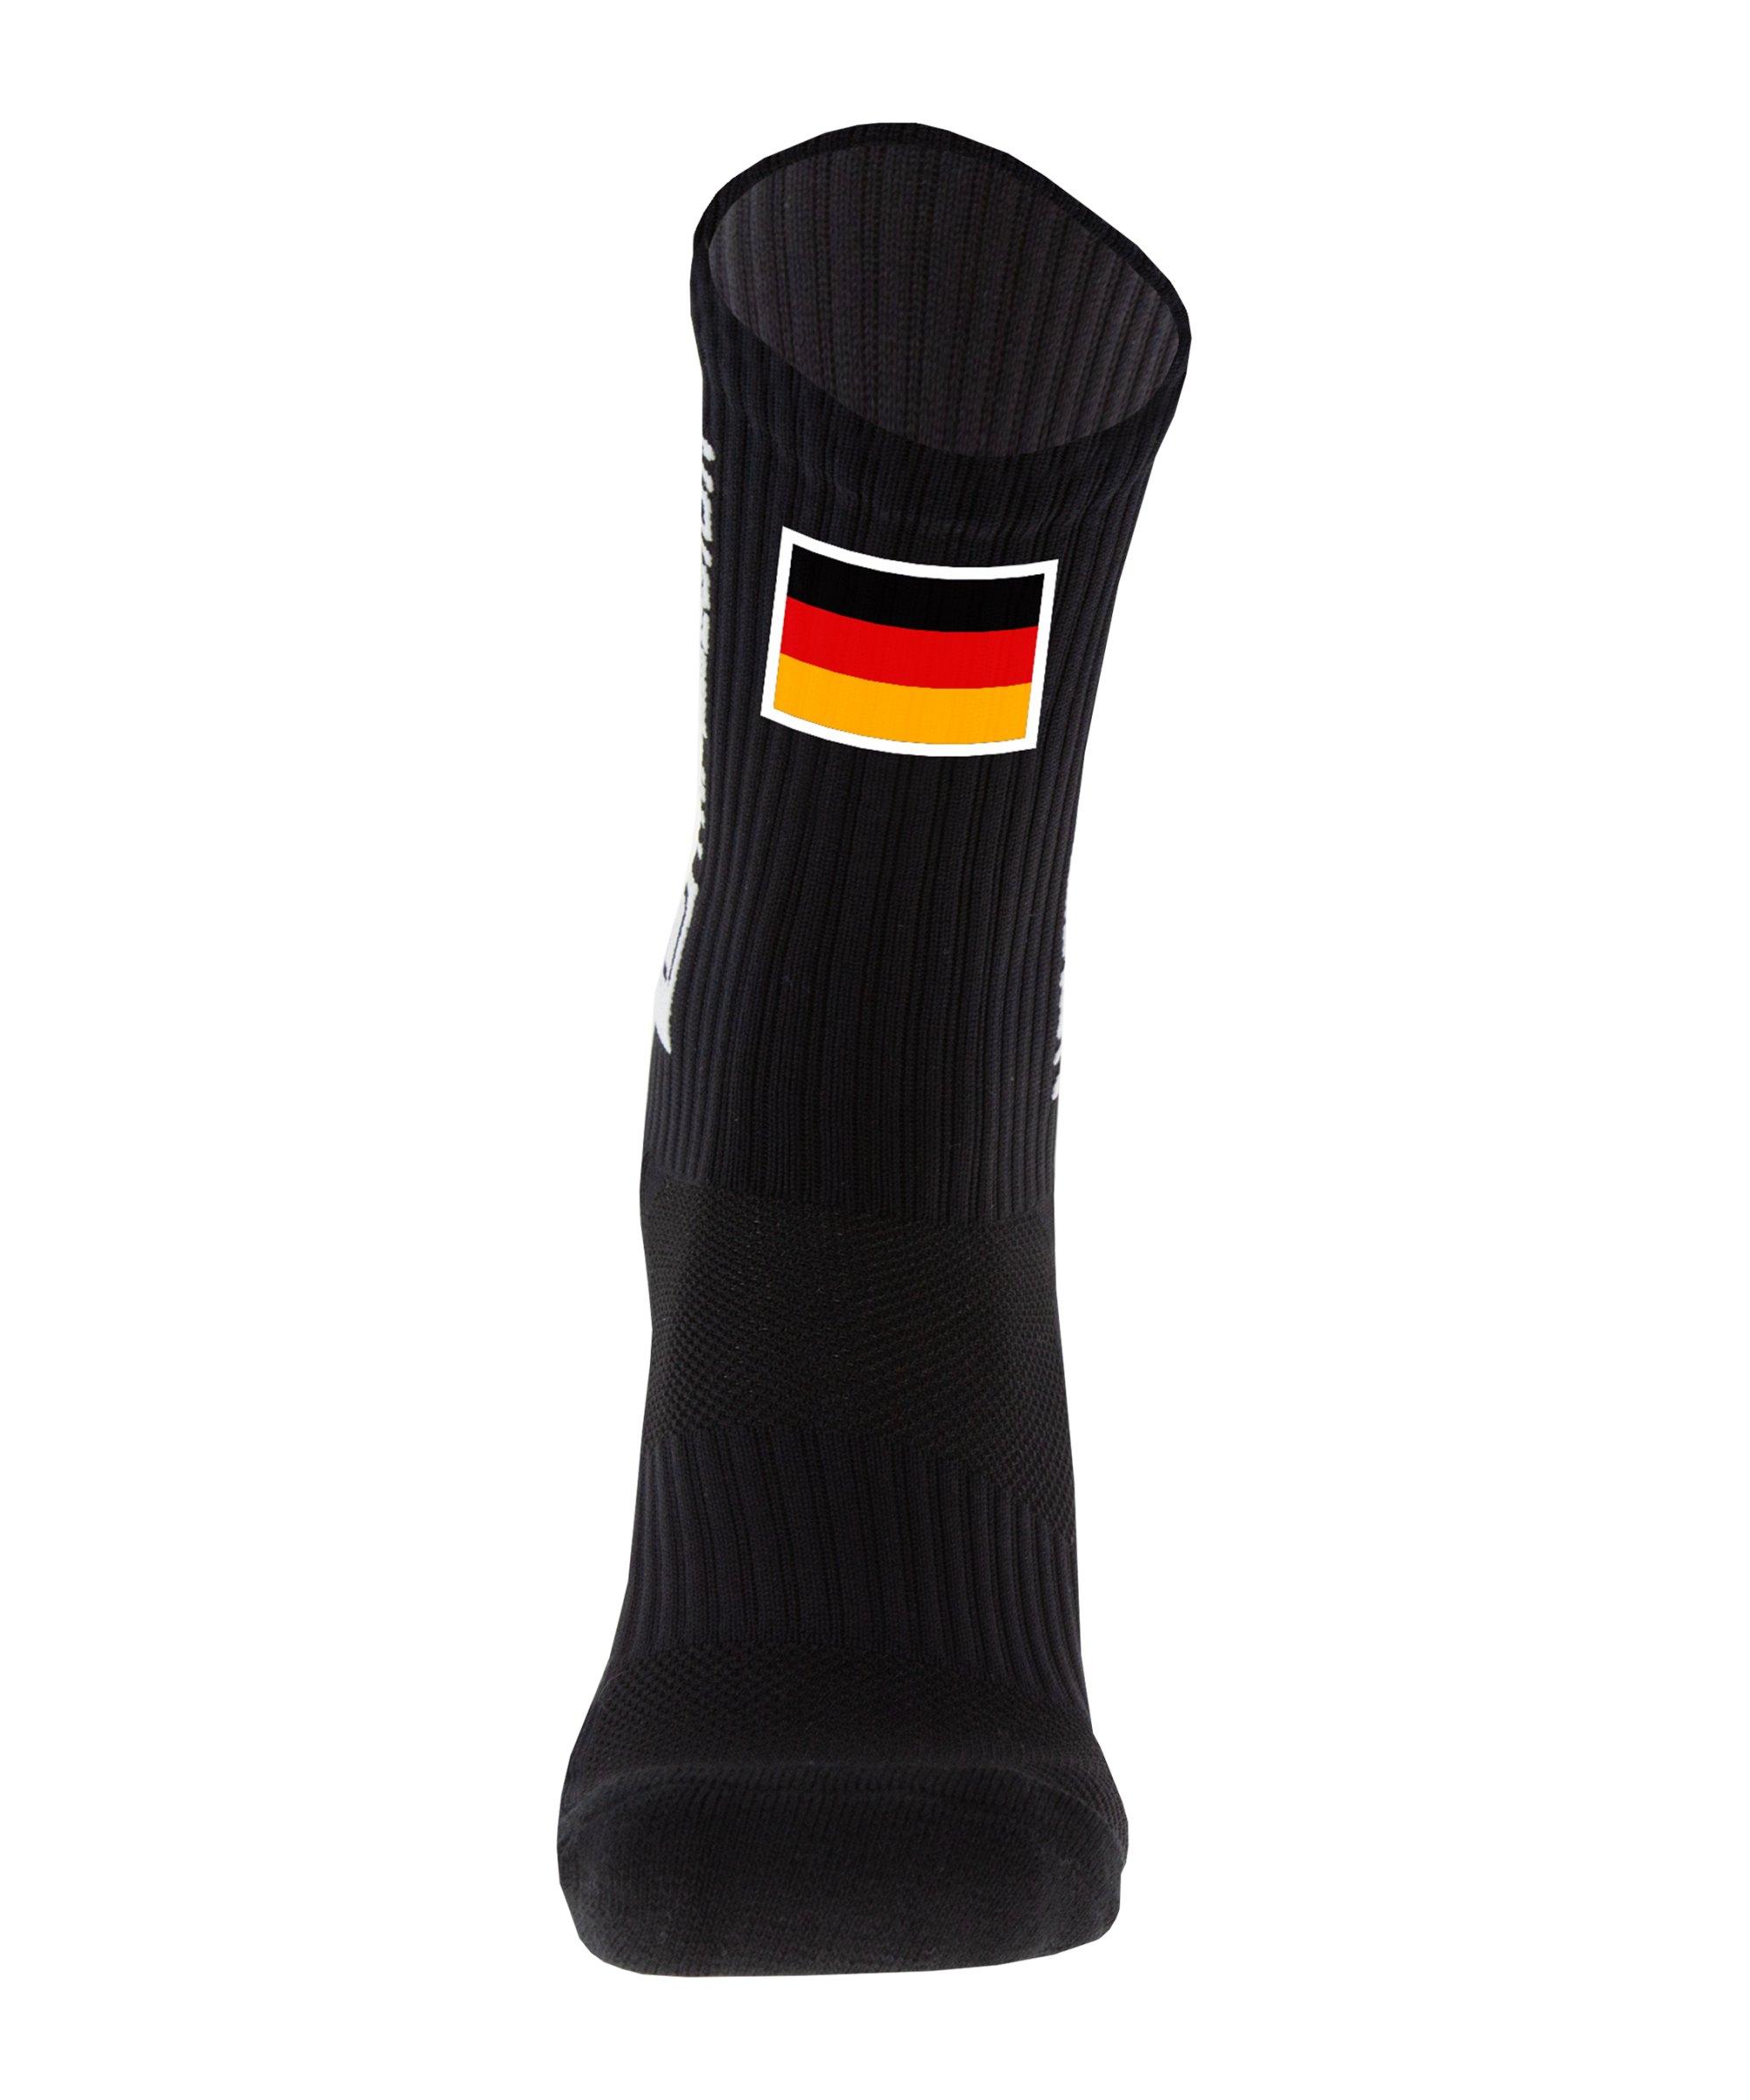 Tapedesign Gripsocks Deutschland Socken Schwarz - schwarz